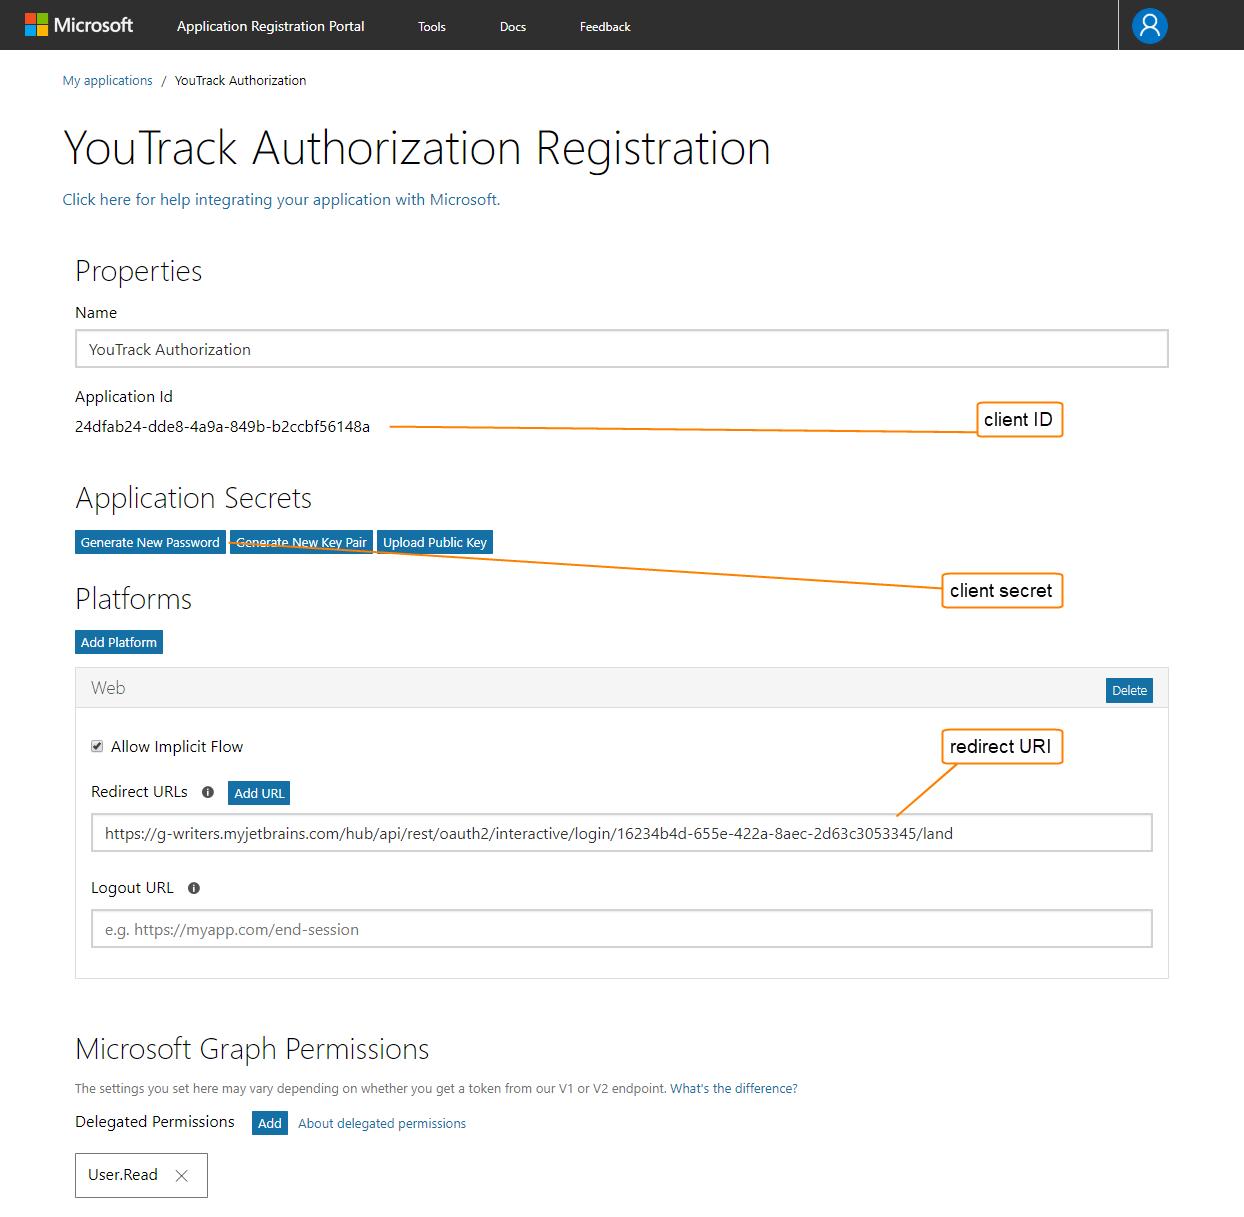 Application registration portal